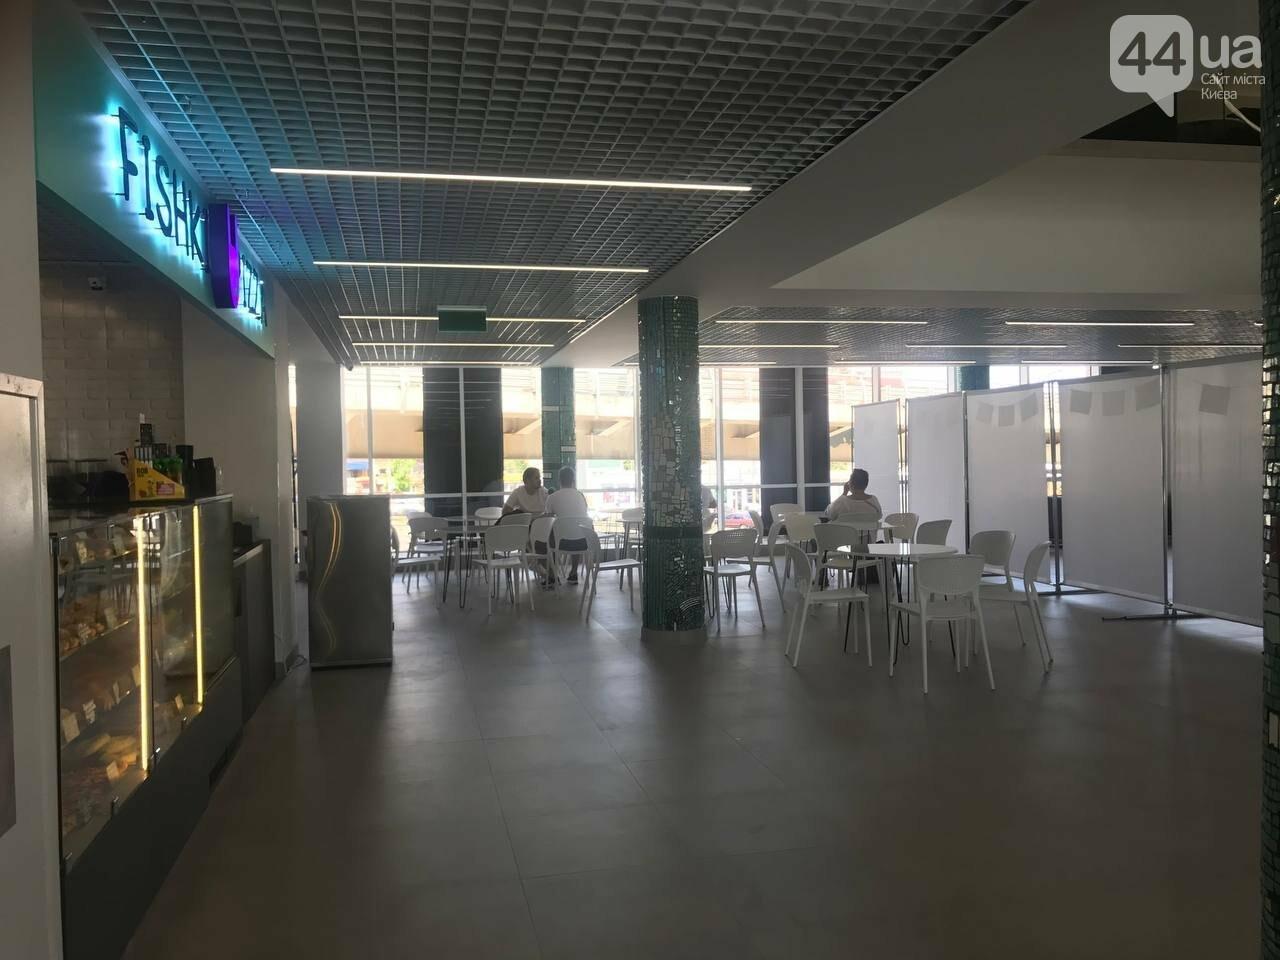 Второй этаж автовокзала: кассы и зона отдыха с фудкортом, Фото: 44.ua